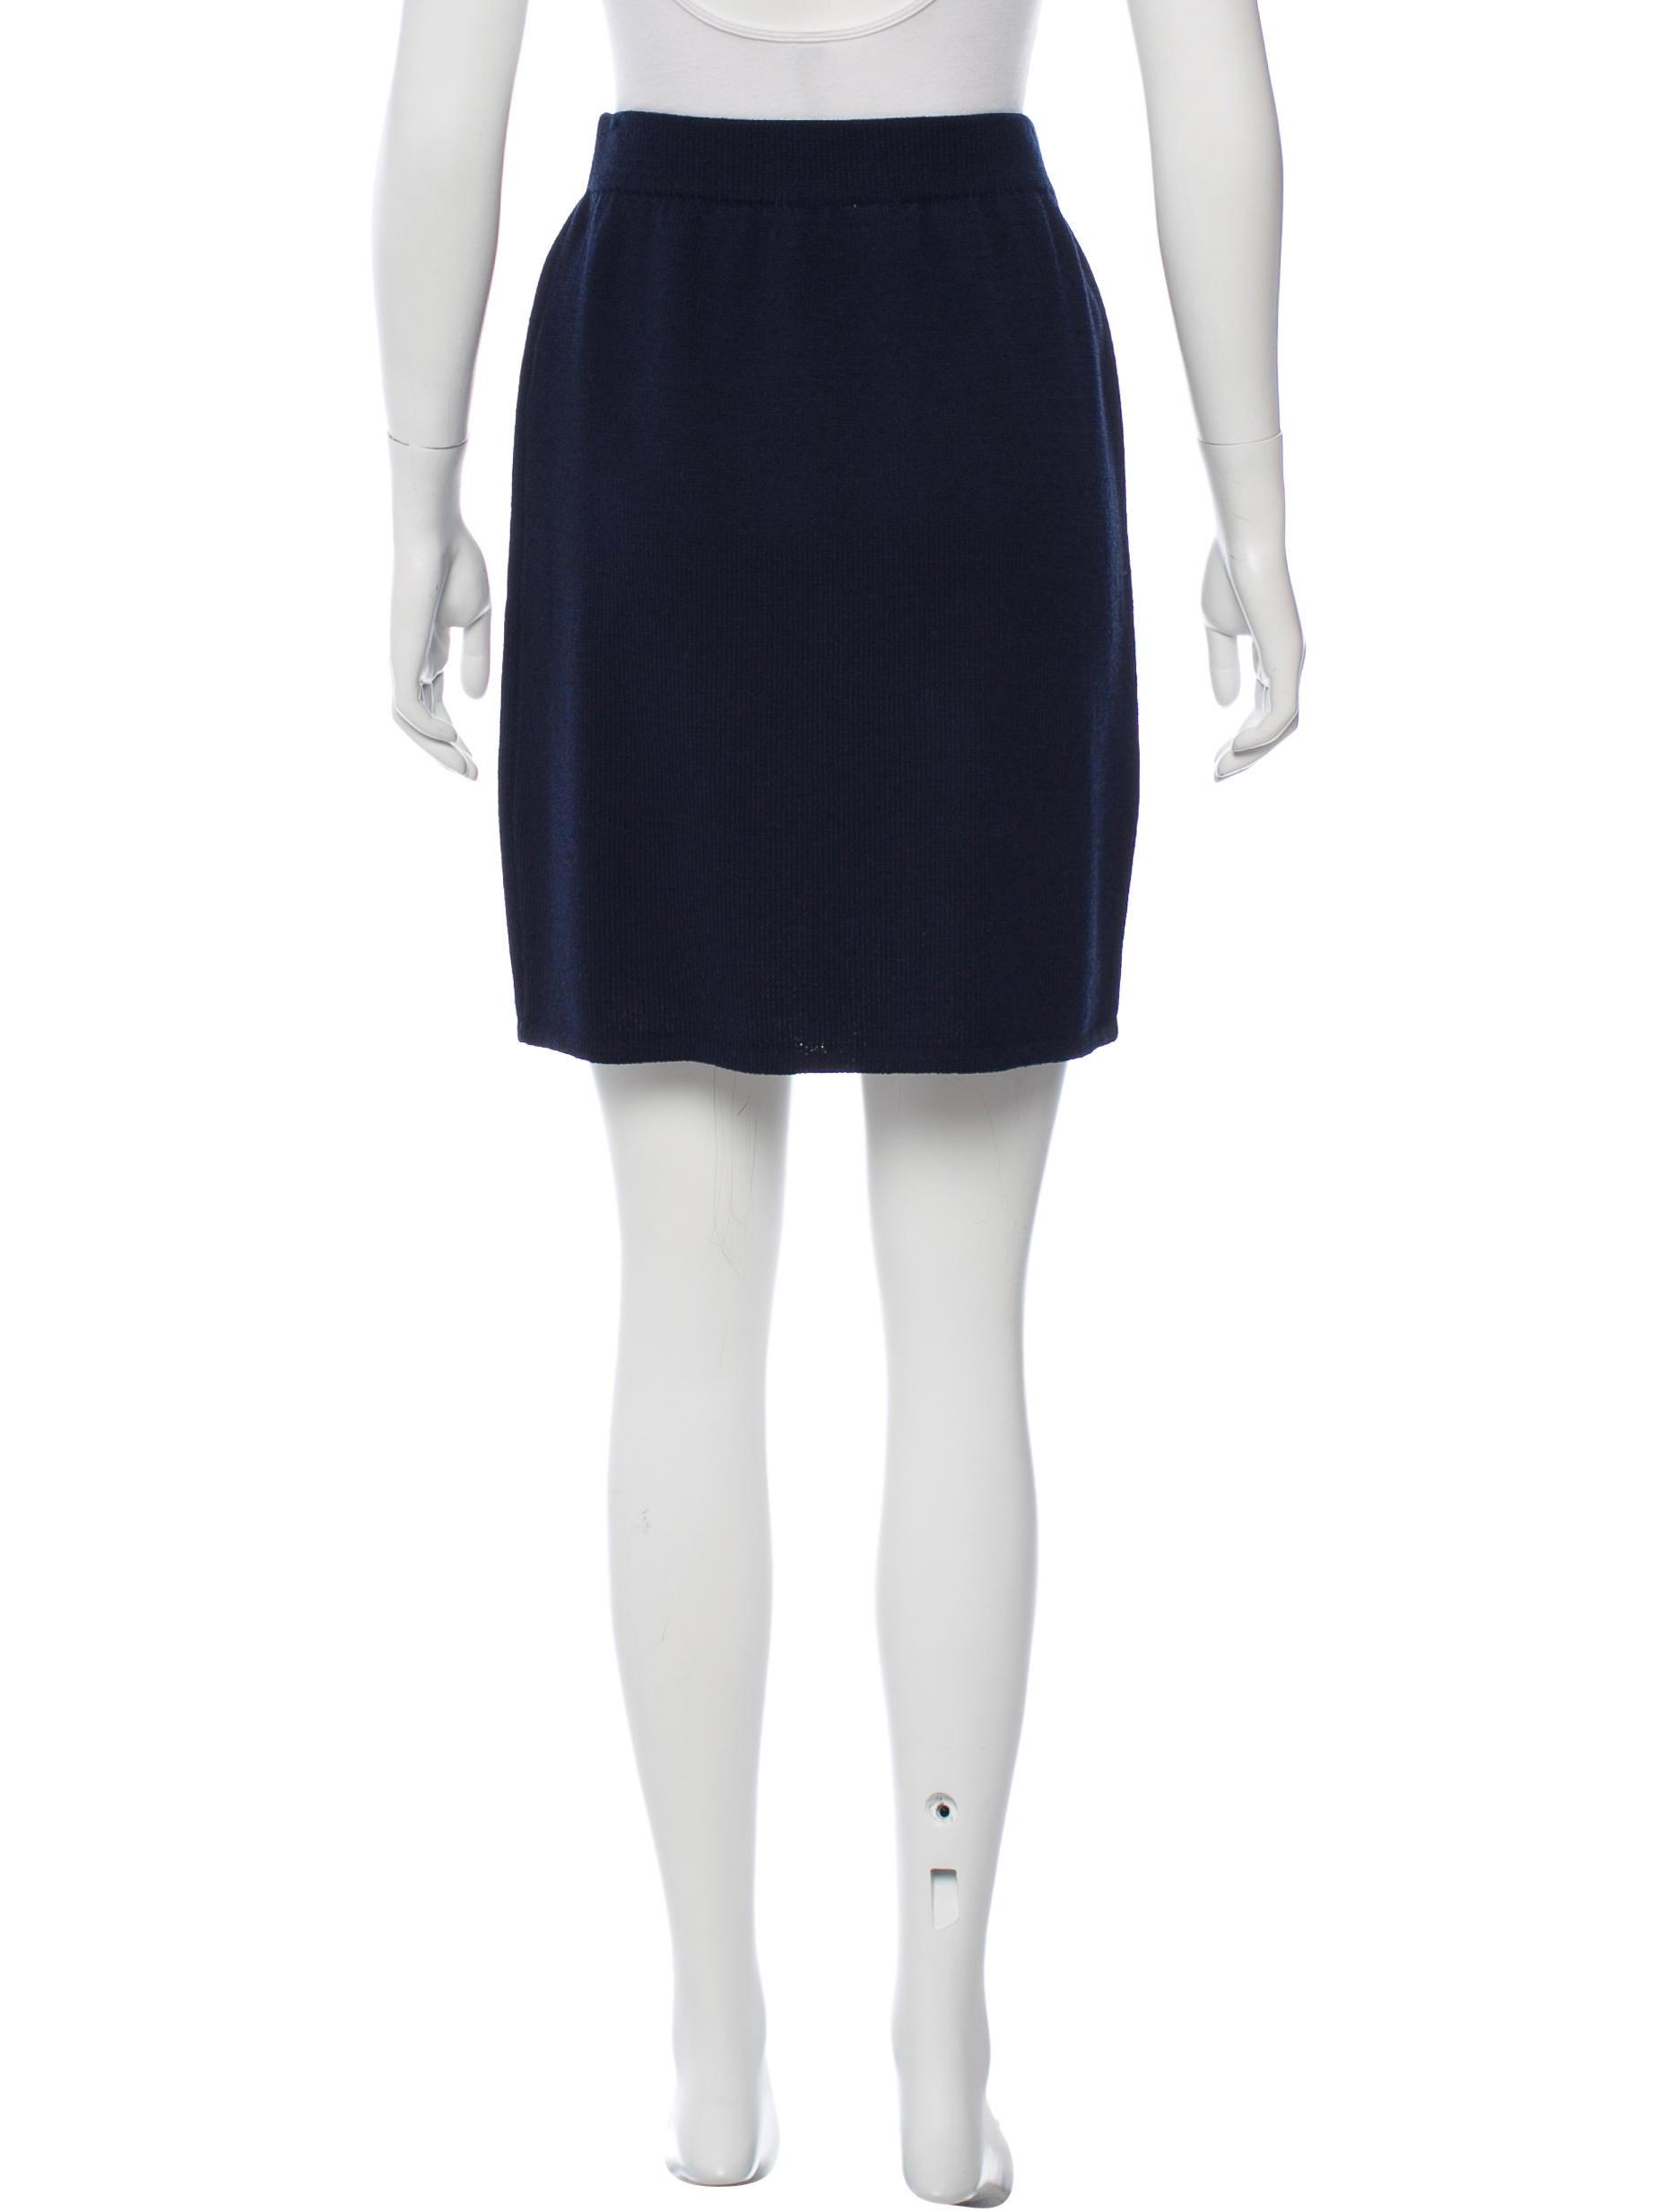 st knit knee length skirt clothing stj21116